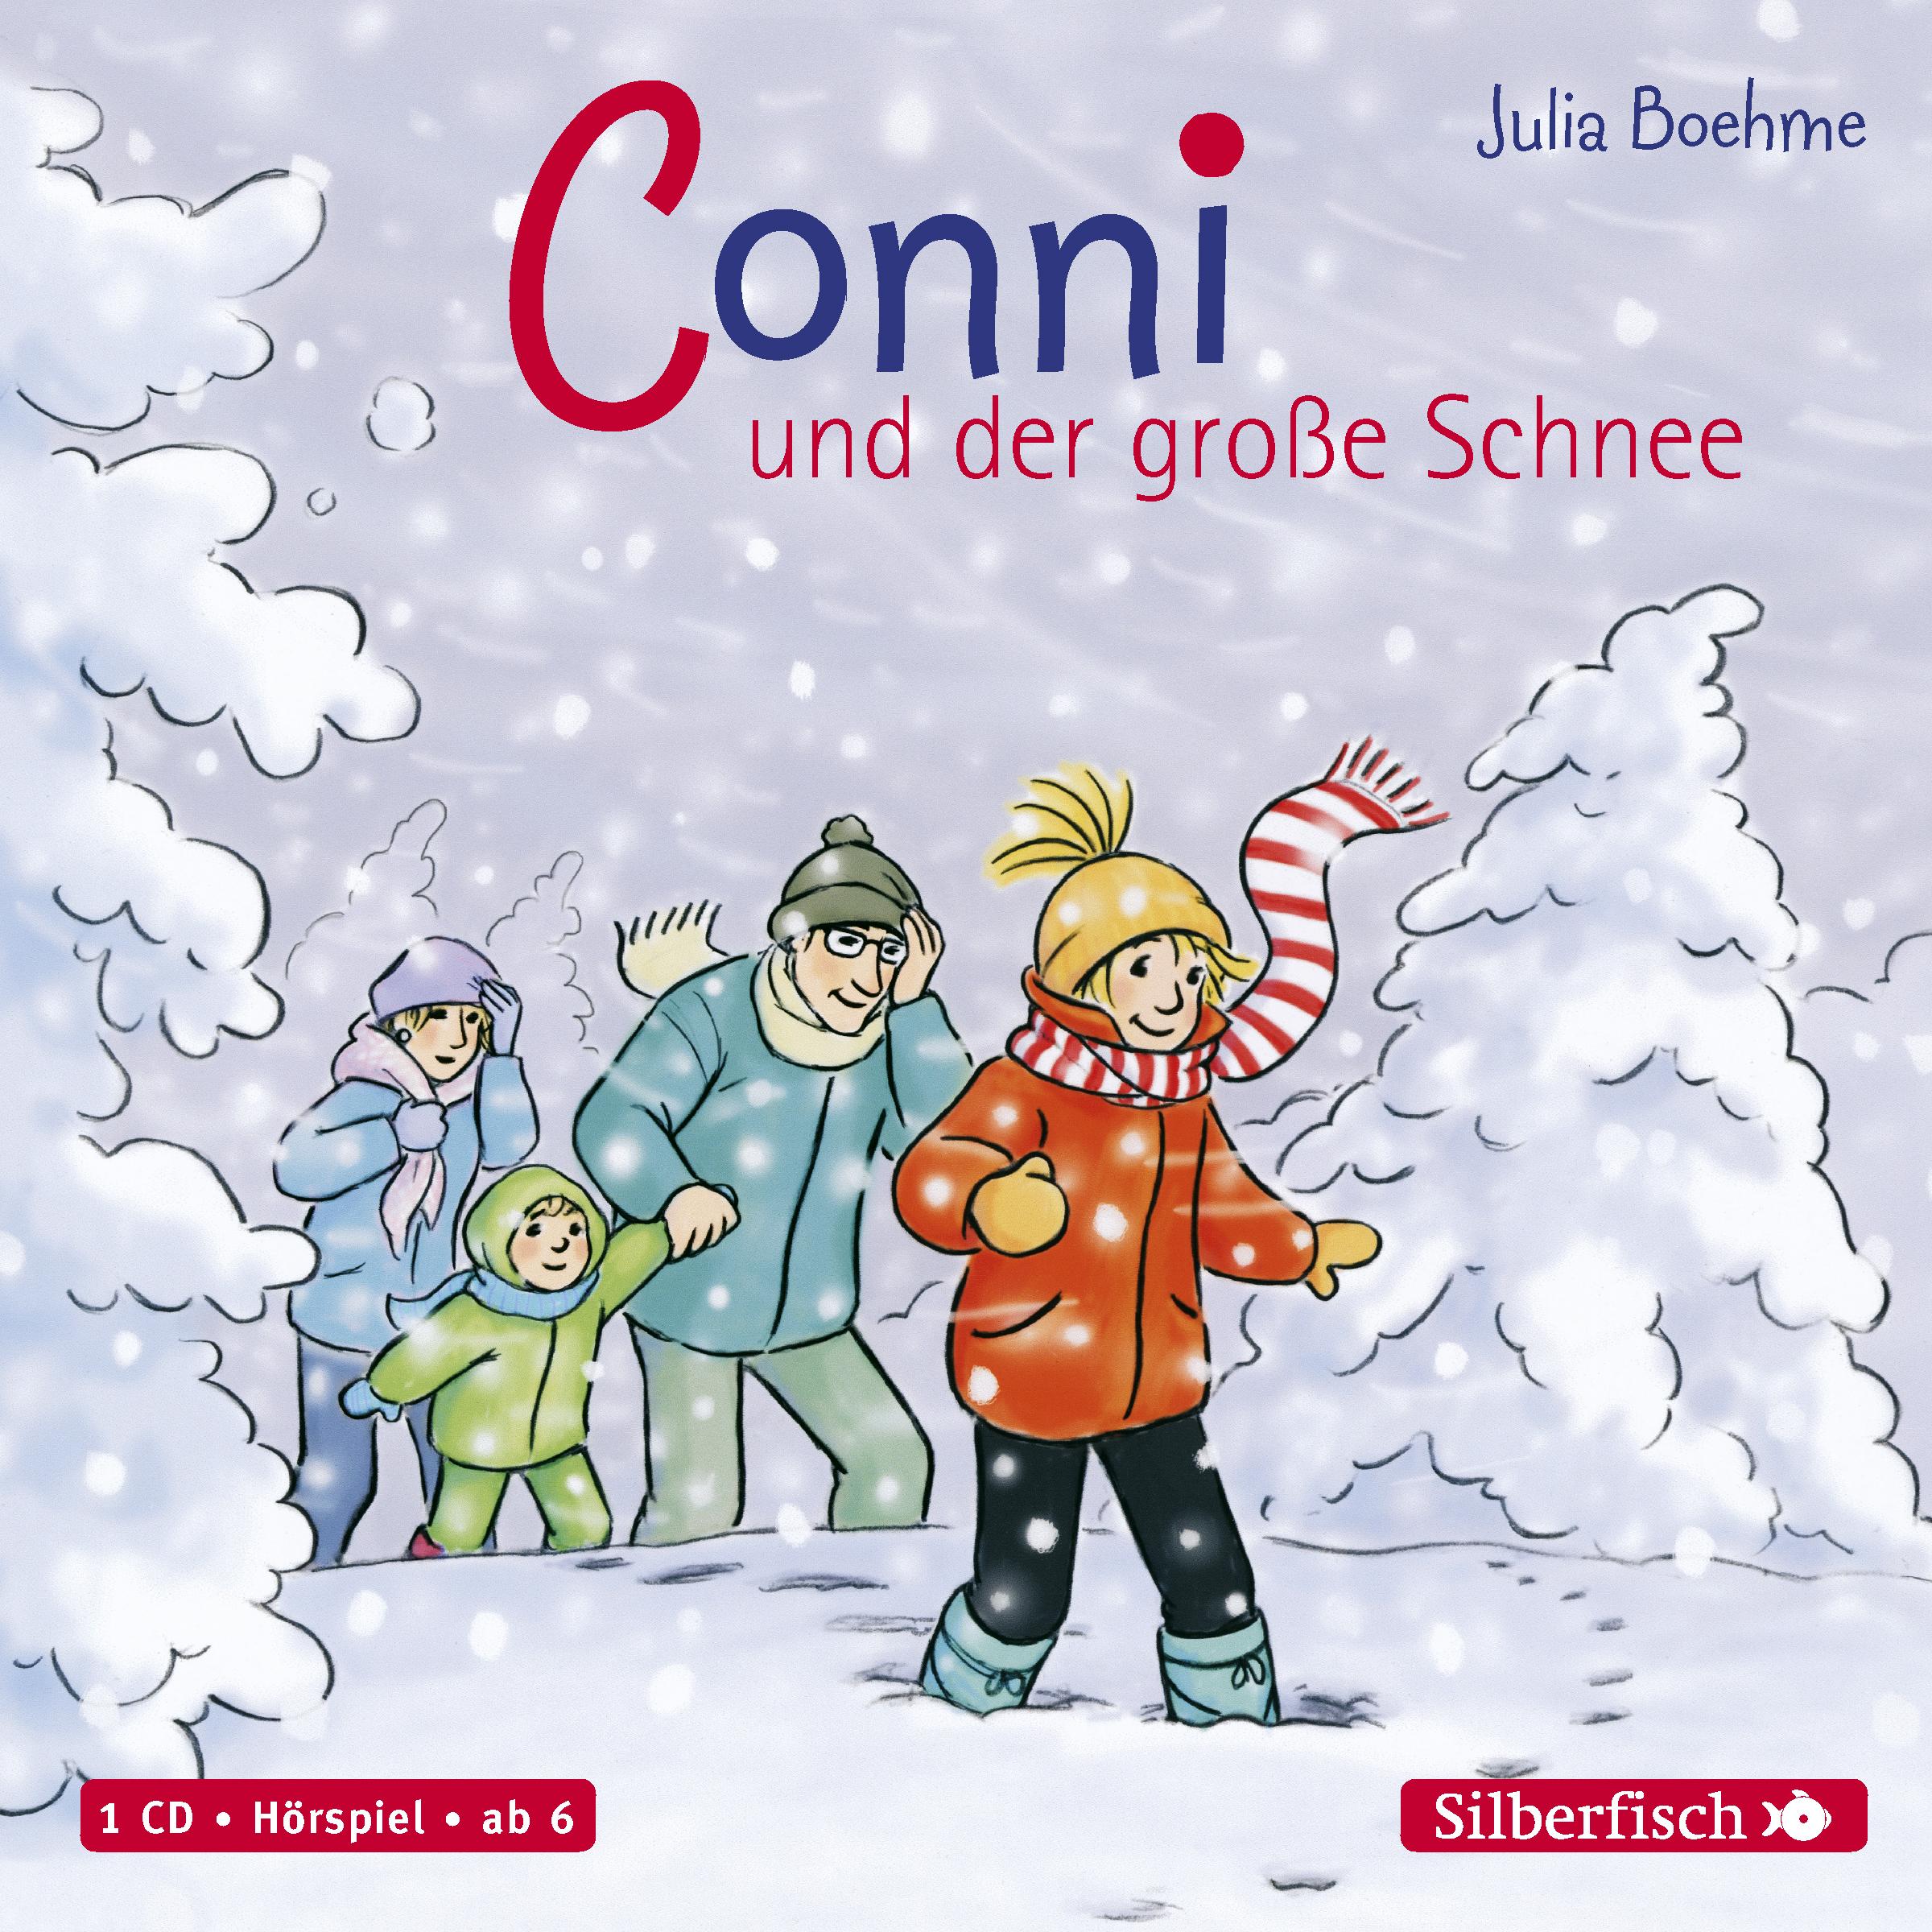 Horbuch Julia Boehme Conni Und Der Grosse Schnee